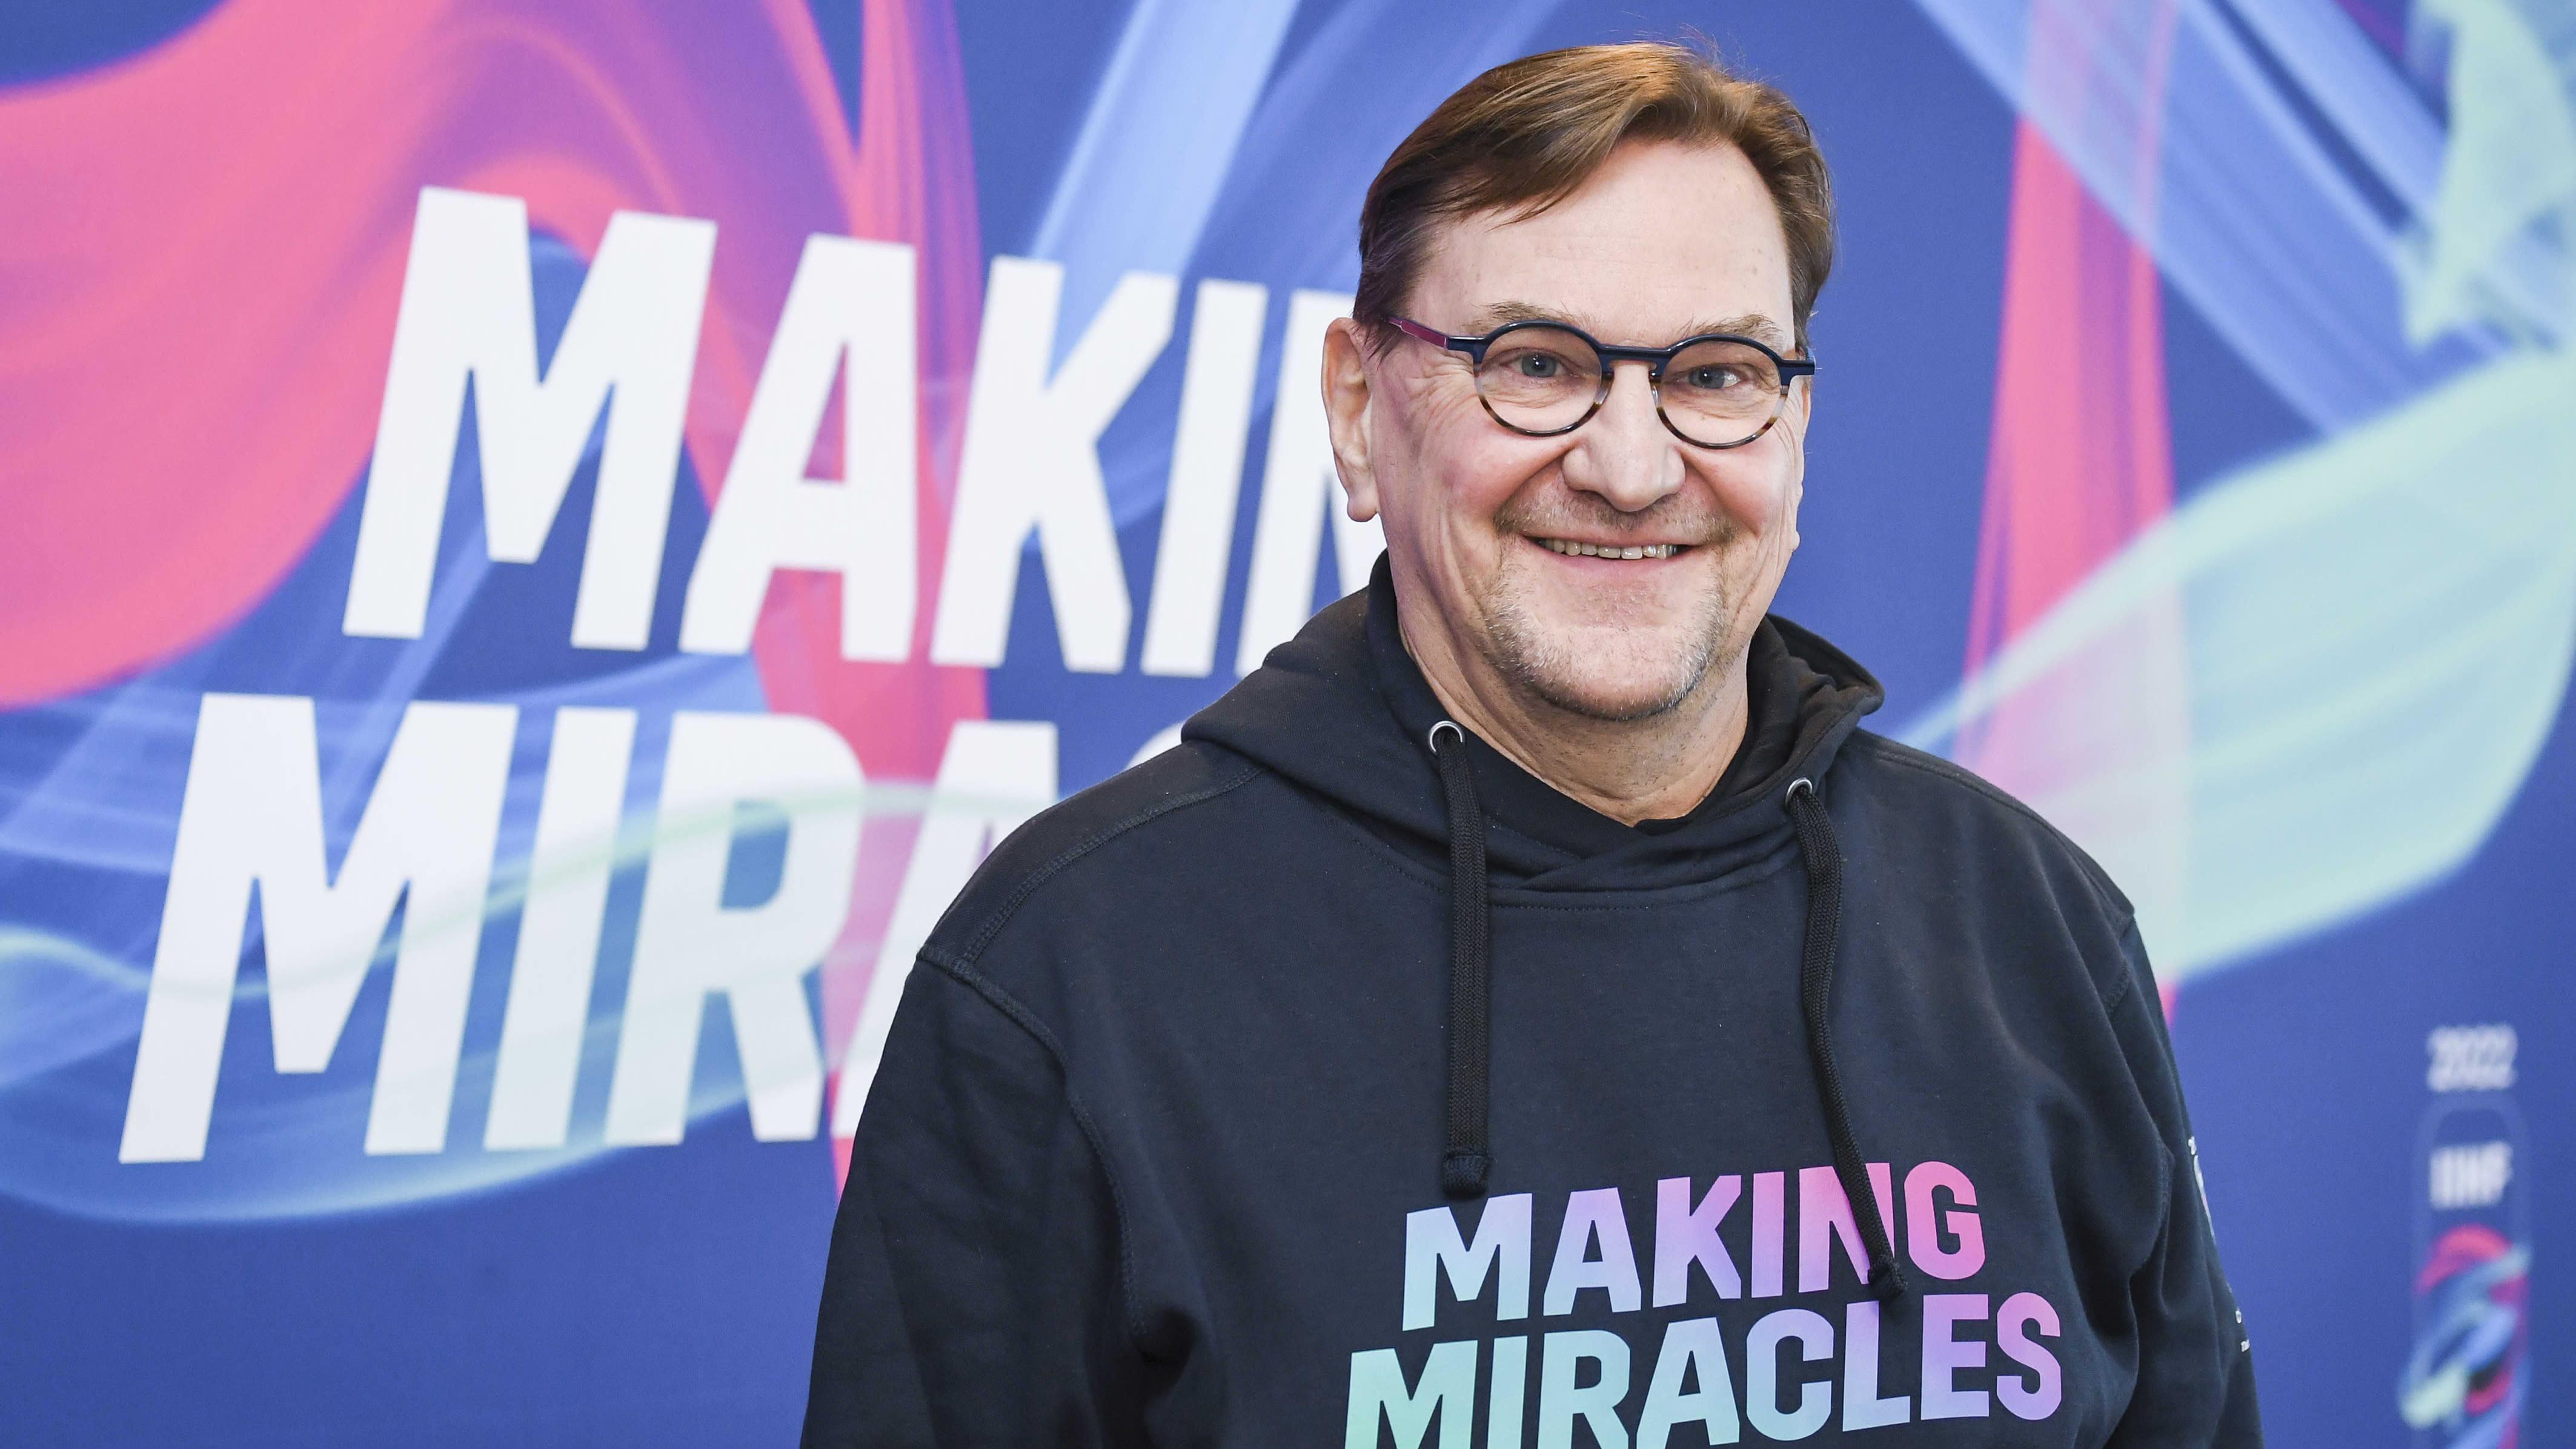 Kuvassa Heikki Hietanen, joka toimii pääsihteerinä jääkiekon MM-kotikisoissa 2022.